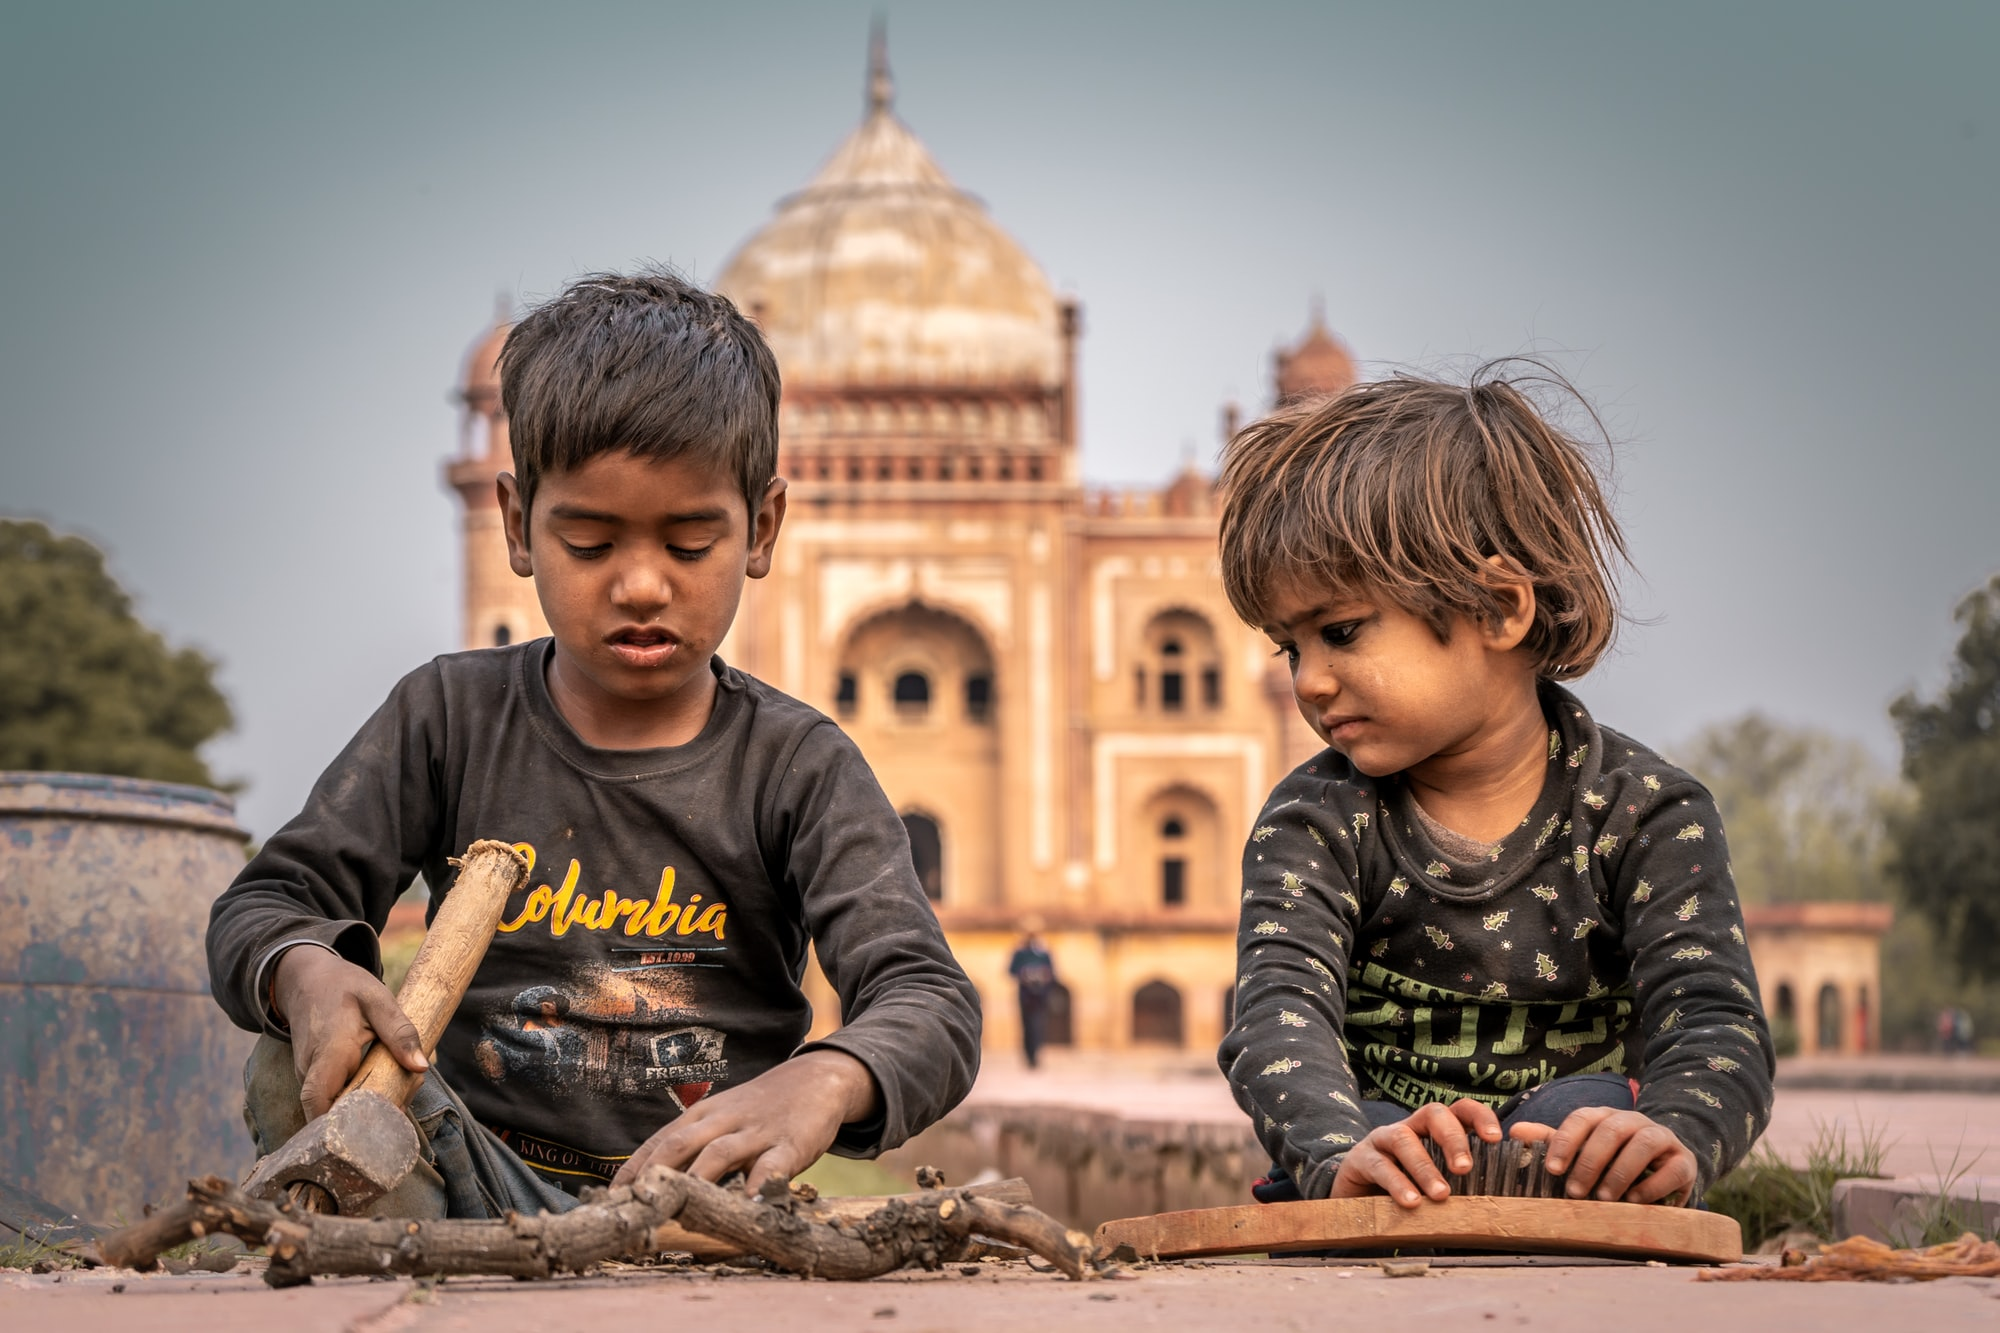 'प्रथम शिकागो 5K वॉक', भारत के गरीब बच्चों की पढ़ाई में होगी मदद